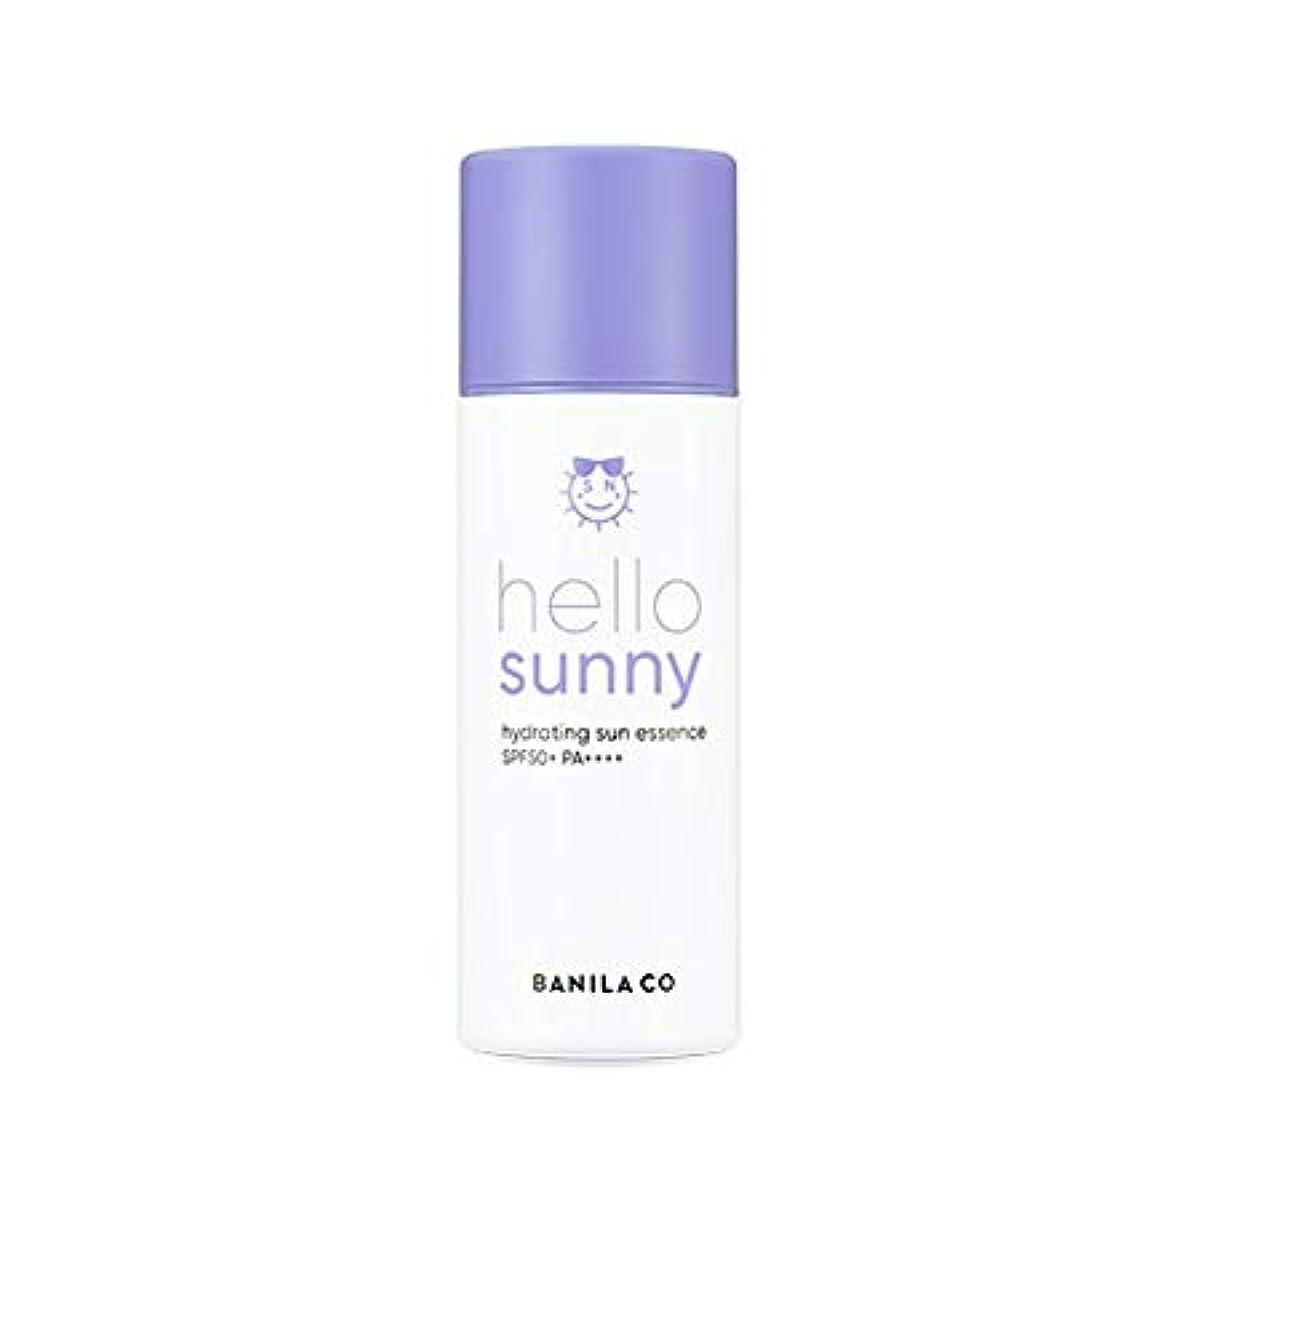 襟揺れる神話banilaco こんにちはサニーハイドレイティングエッセンスサンブロックSPF50 + PA ++++ / Hello Sunny Hydrating Essence Sunblock SPF50 + PA ++++...